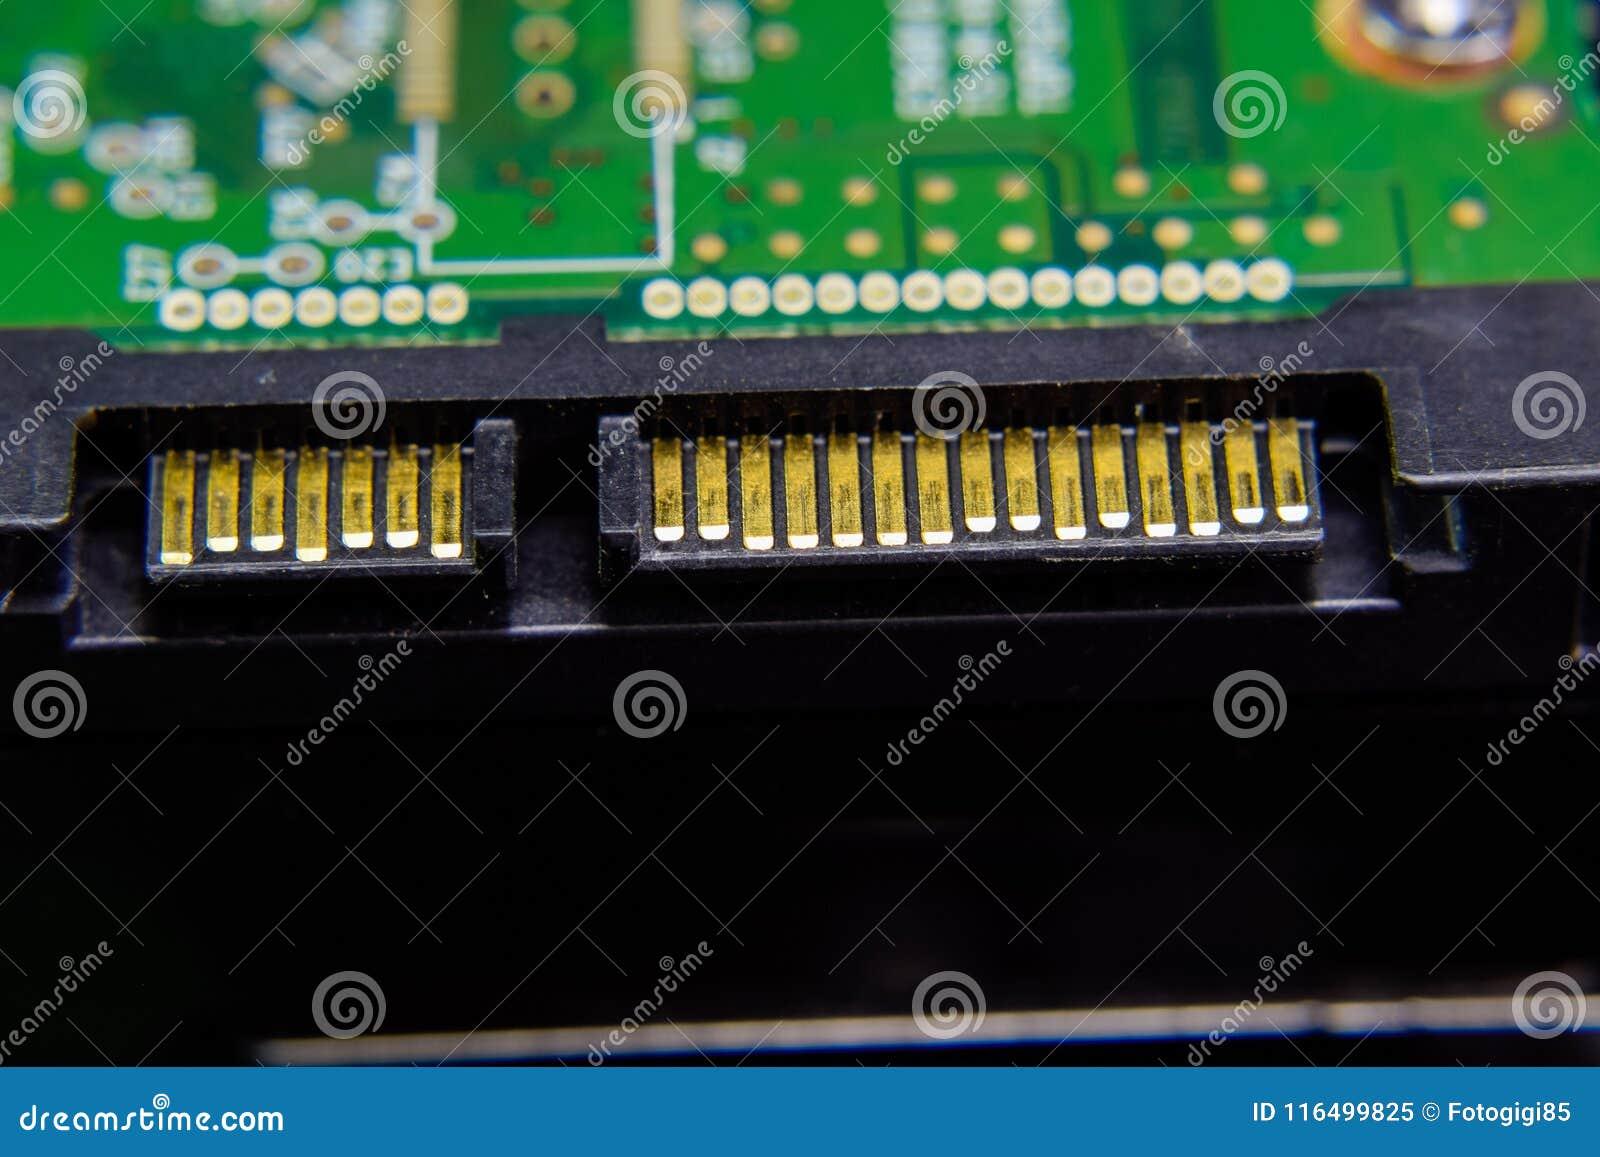 Placa eletrônica do conector do disco rígido de Sata com componentes bondes Eletrônica do material informático